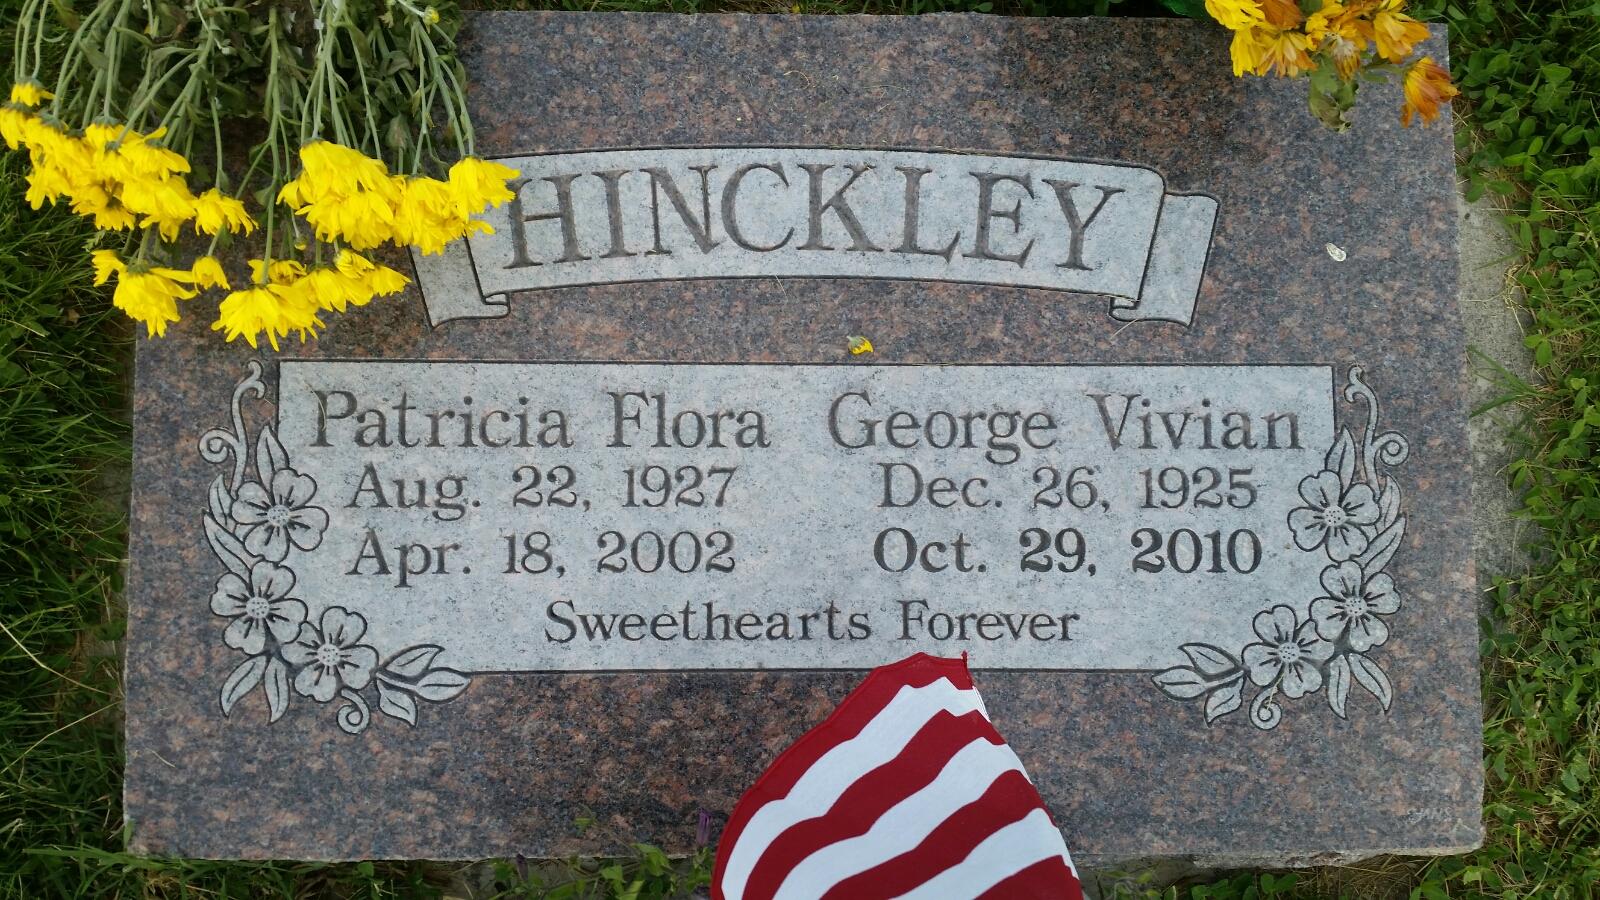 Dr George Vivian Hinckley